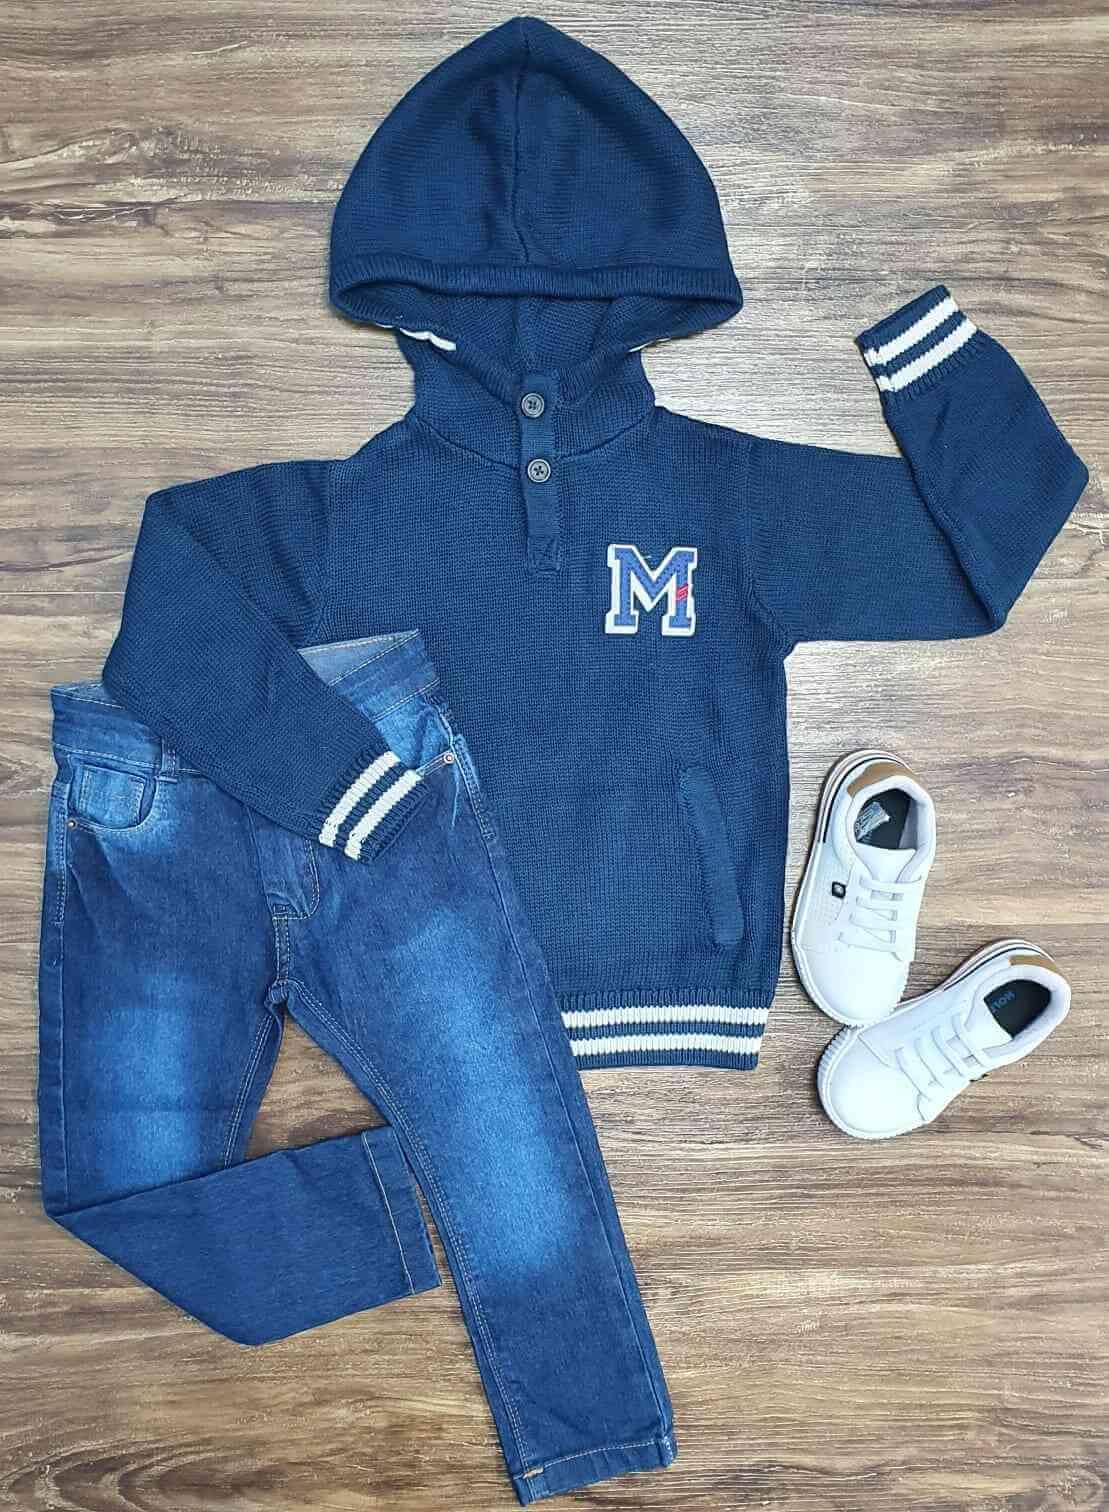 Blusa M Azul Marinho com Calça Jeans Infantil